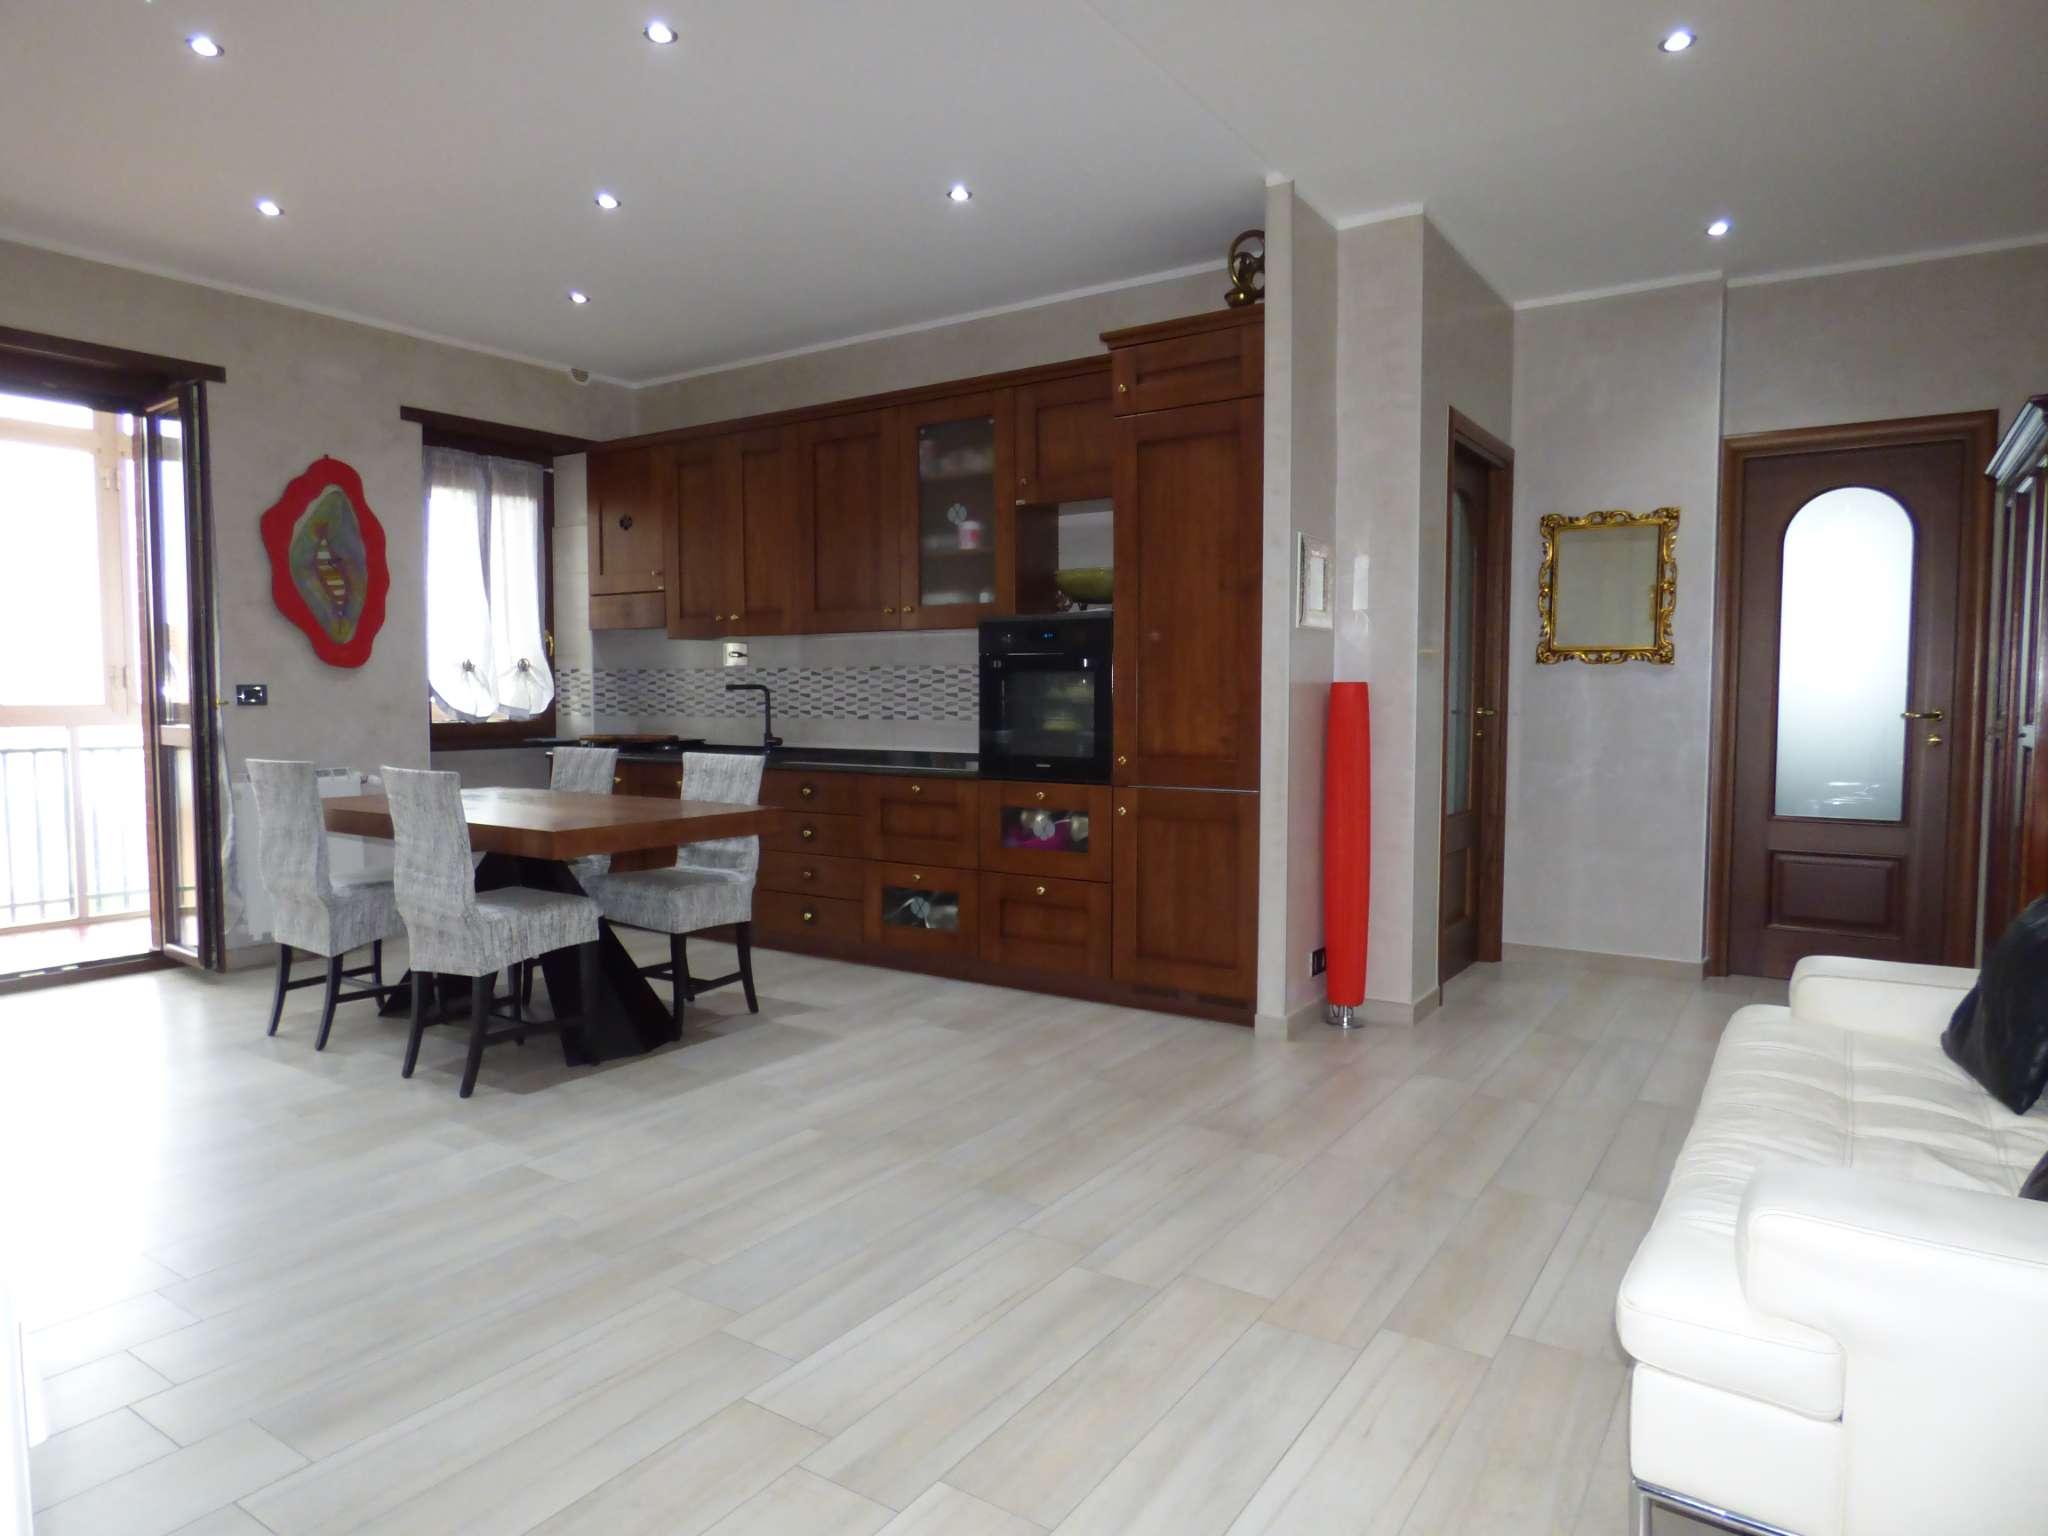 Appartamento in vendita a Borgaro Torinese, 3 locali, prezzo € 168.000   CambioCasa.it